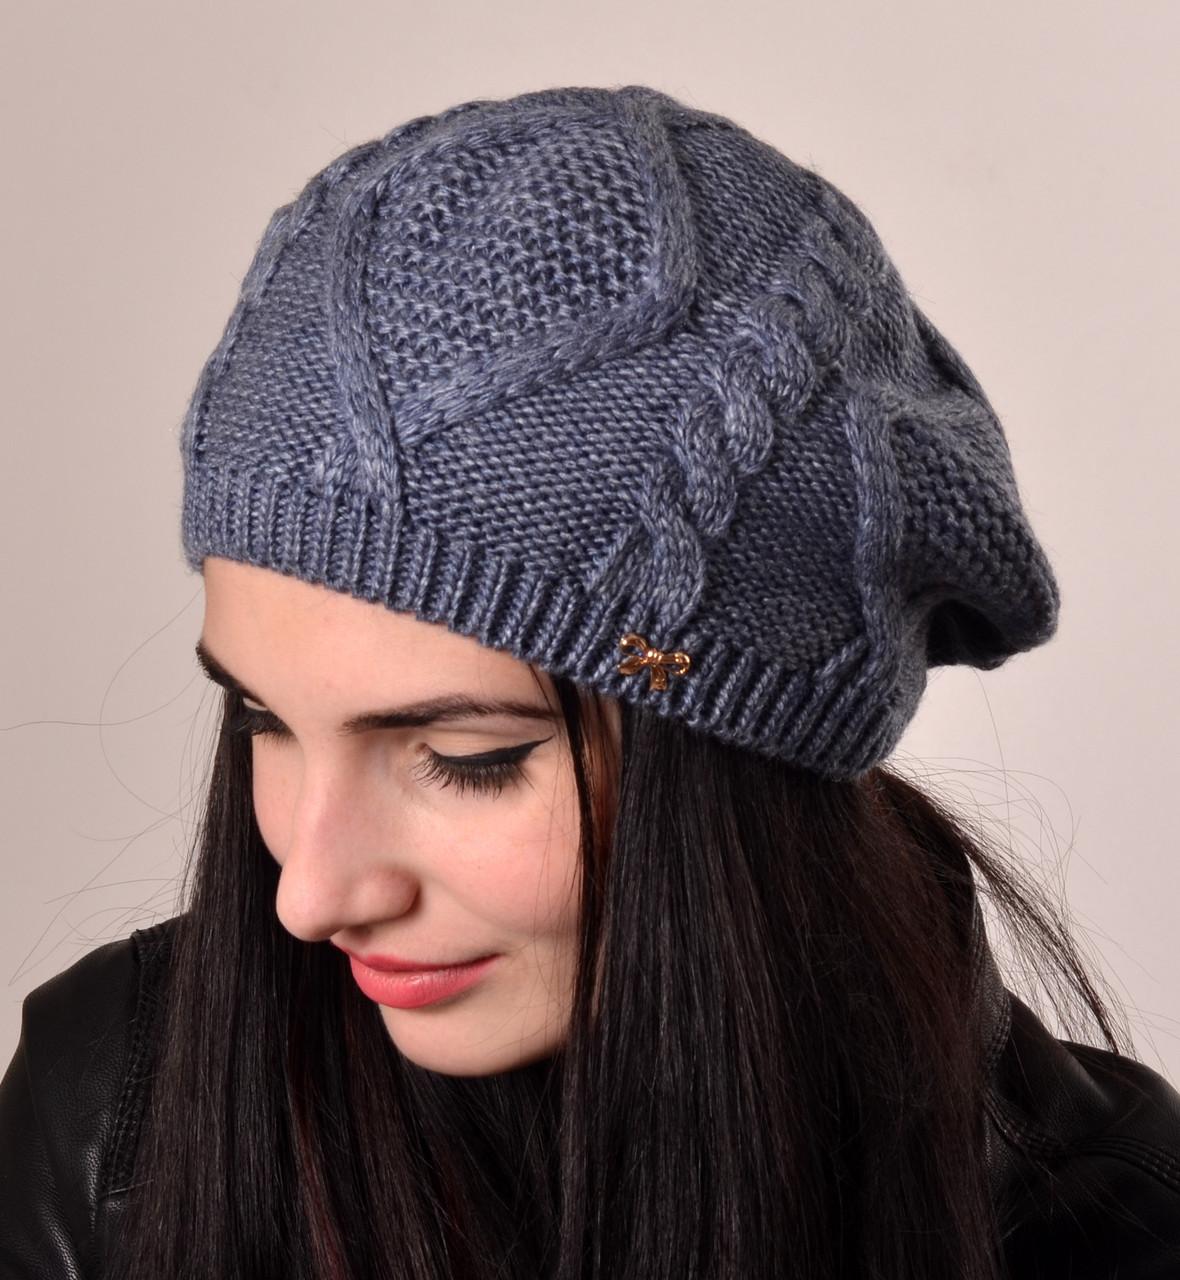 Вязаные женские береты оптом: купить шапки оптом, цена в ...